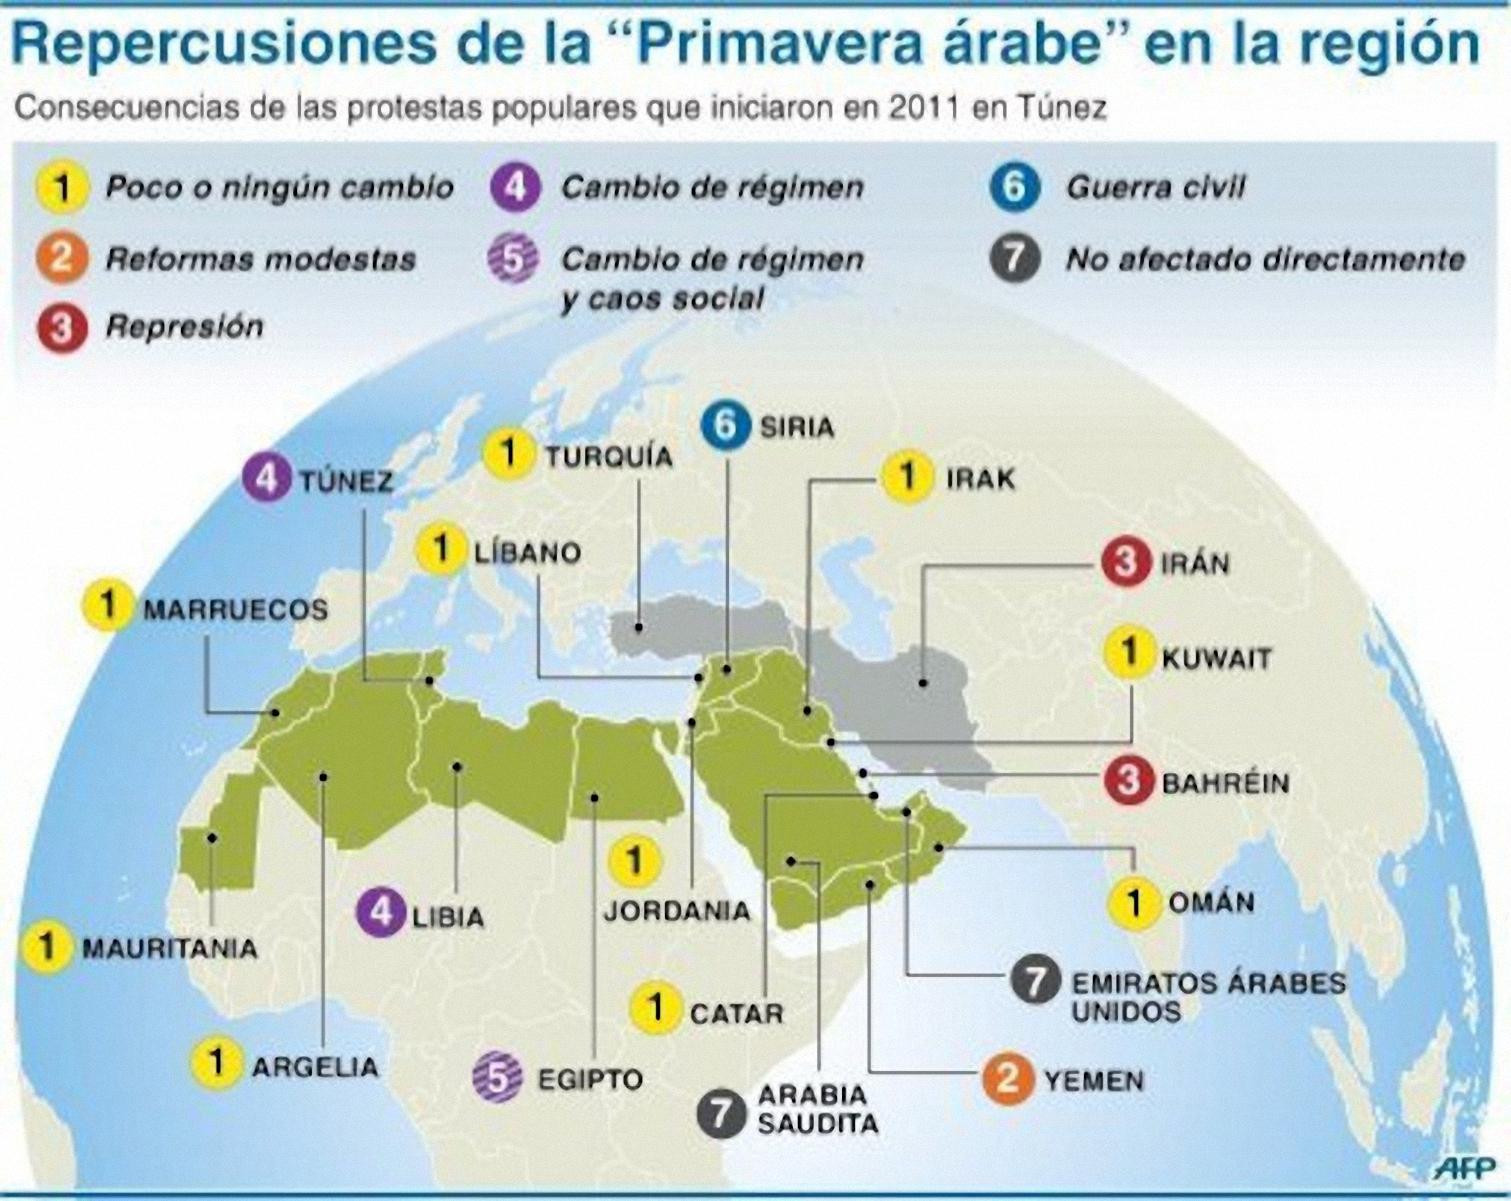 Resultado de imagen de primavera arabe mapa